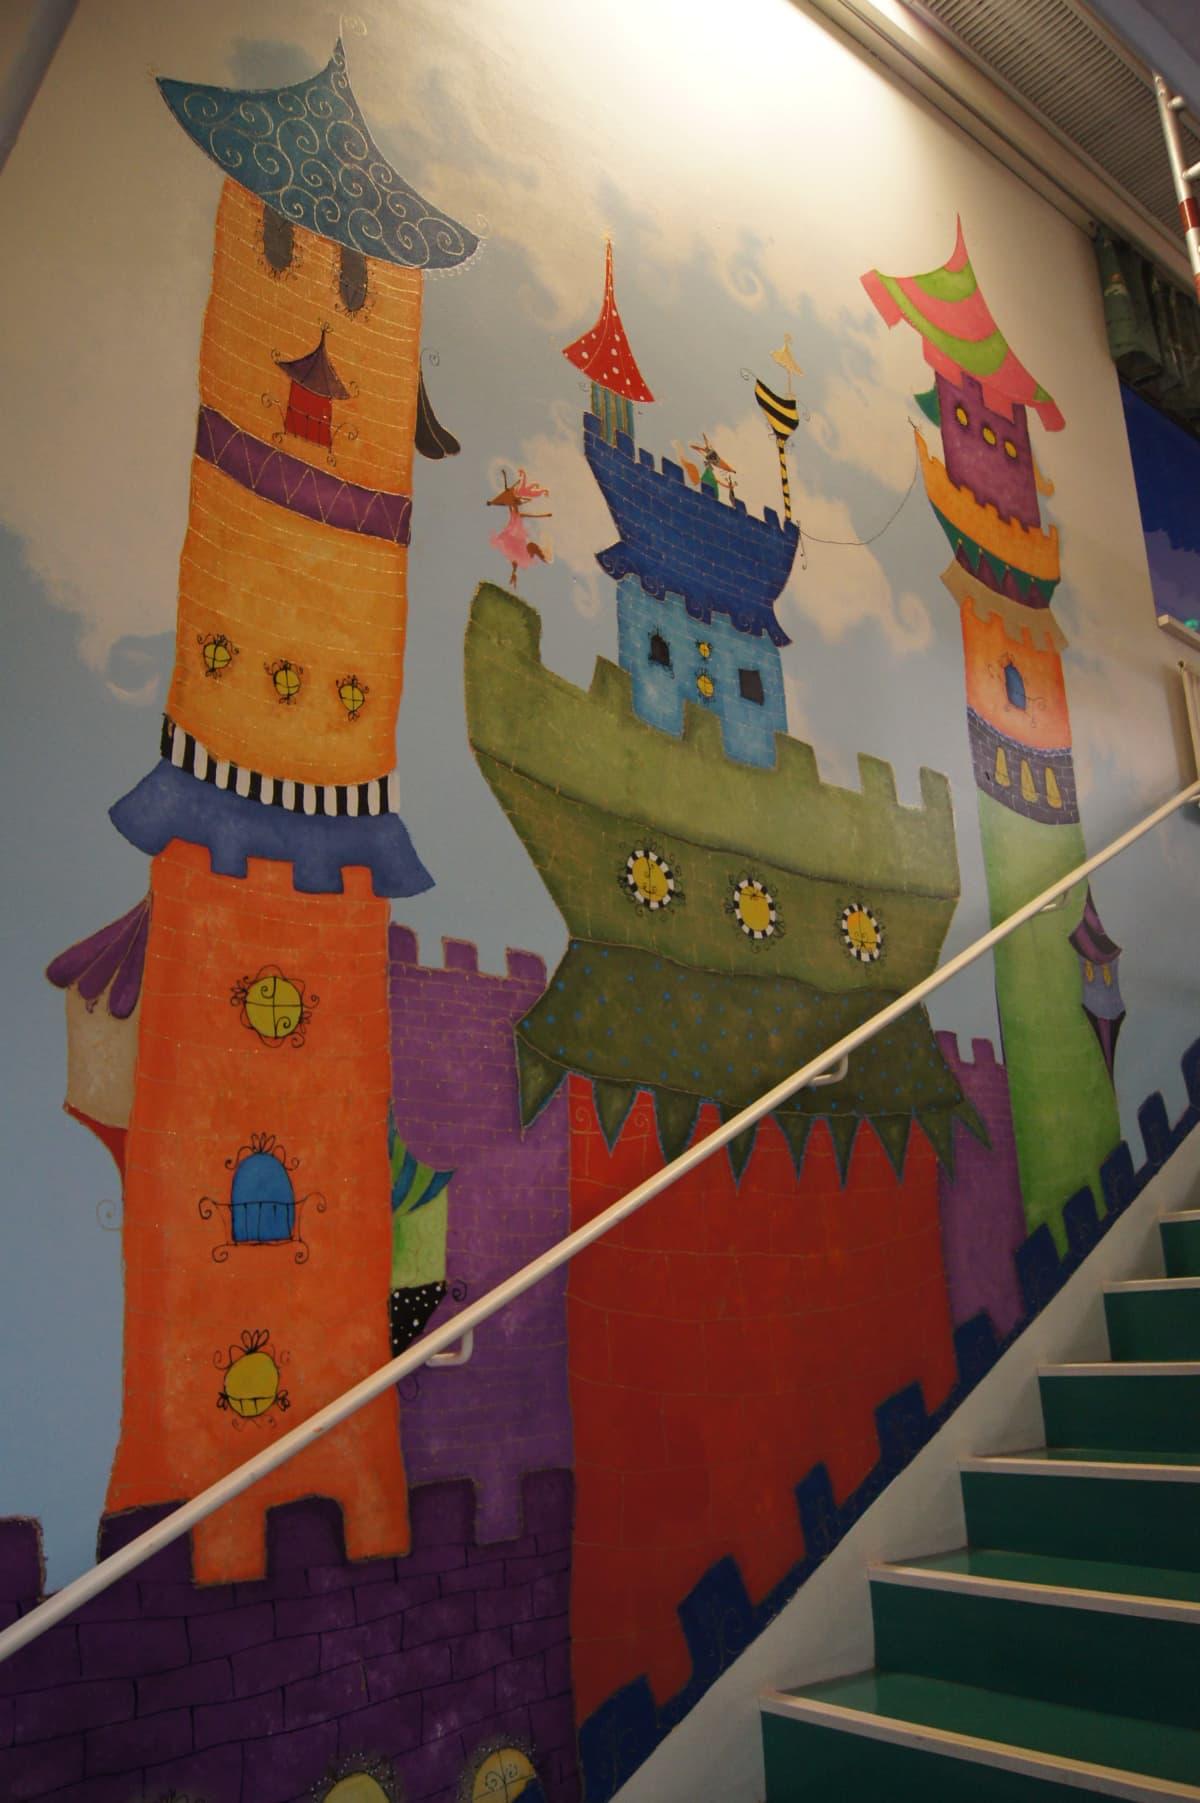 Maalaus satulinnasta lastensairaalan seinässä